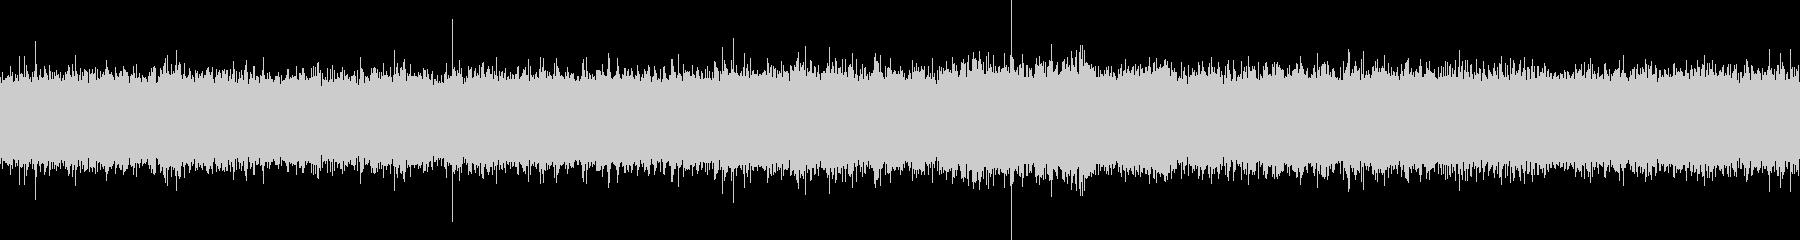 シャワーの音 ループ再生の未再生の波形